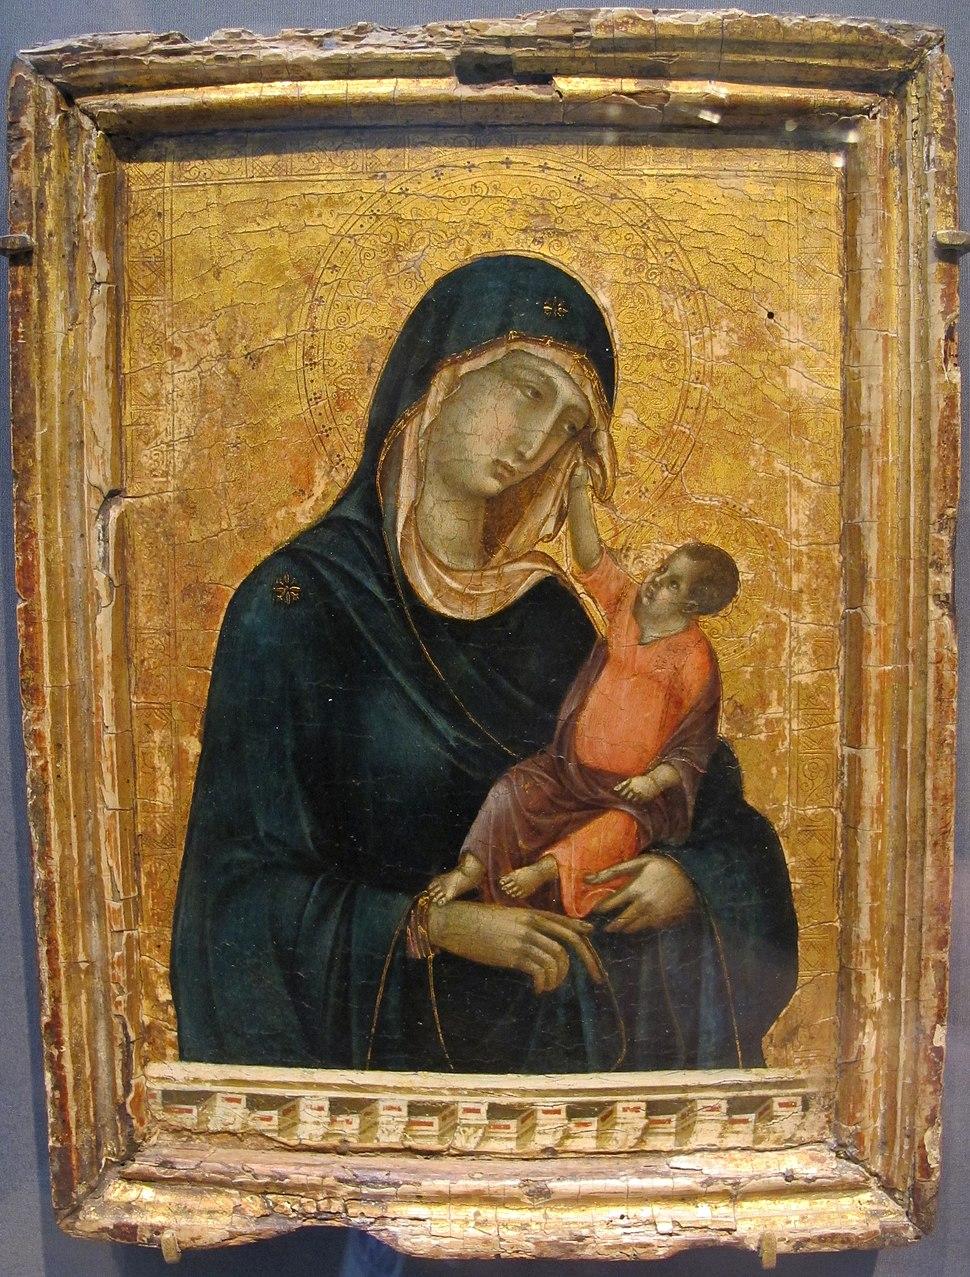 Duccio di buoninsegna, madonna col bambino, 1300 ca.